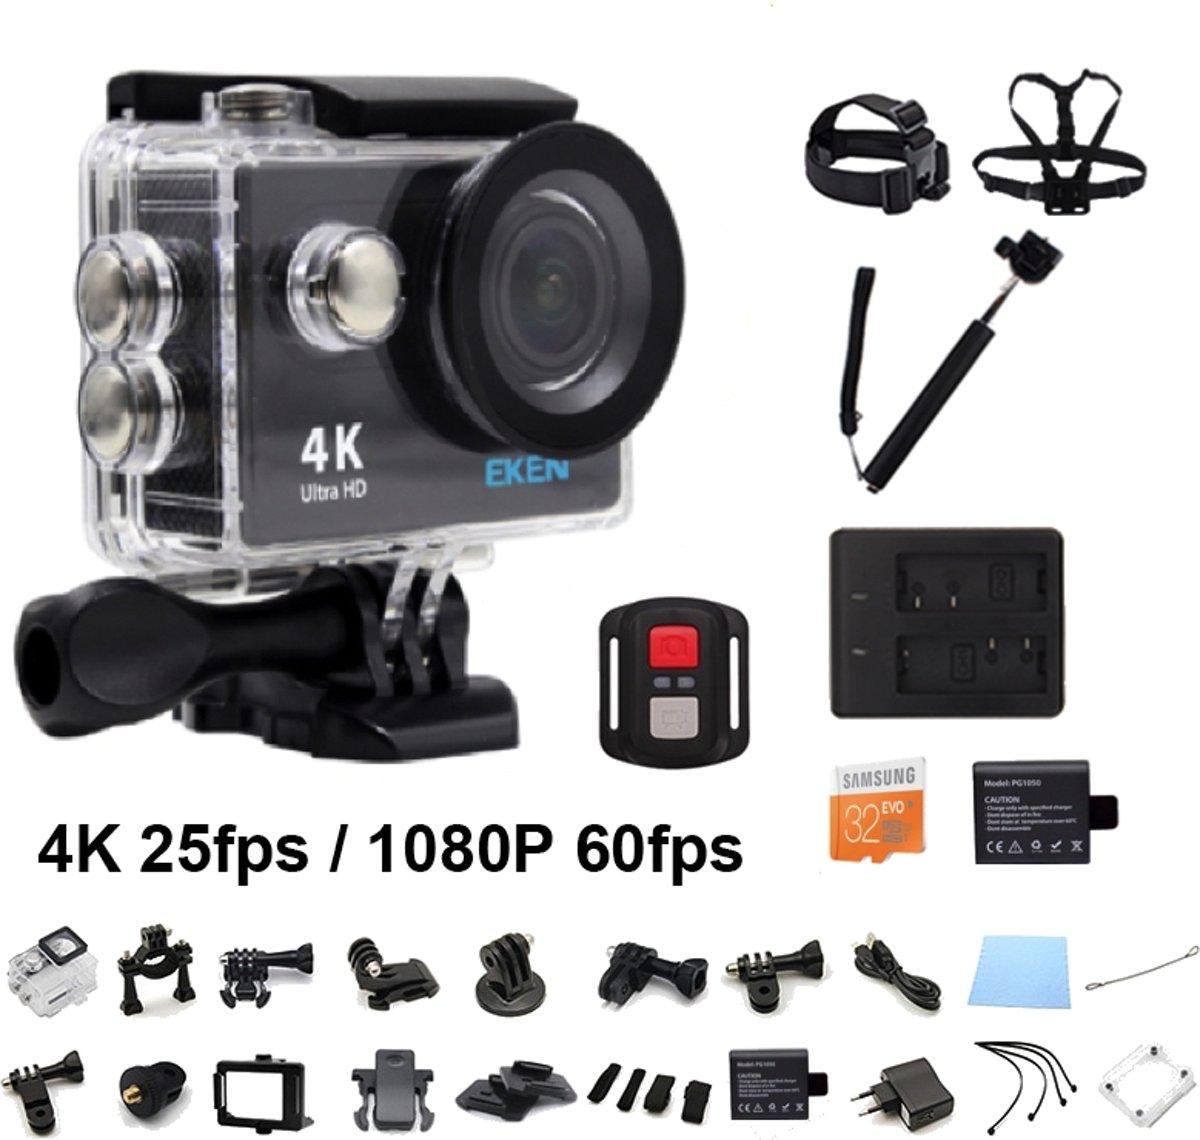 EKEN H9R 4K WiFi Action Cam met Afstandsbediening Complete Set   Lader + Extra Batterij   32GB MicroSD Kaart   Selfie Stick   Hoofdband + Borstband + Polsband